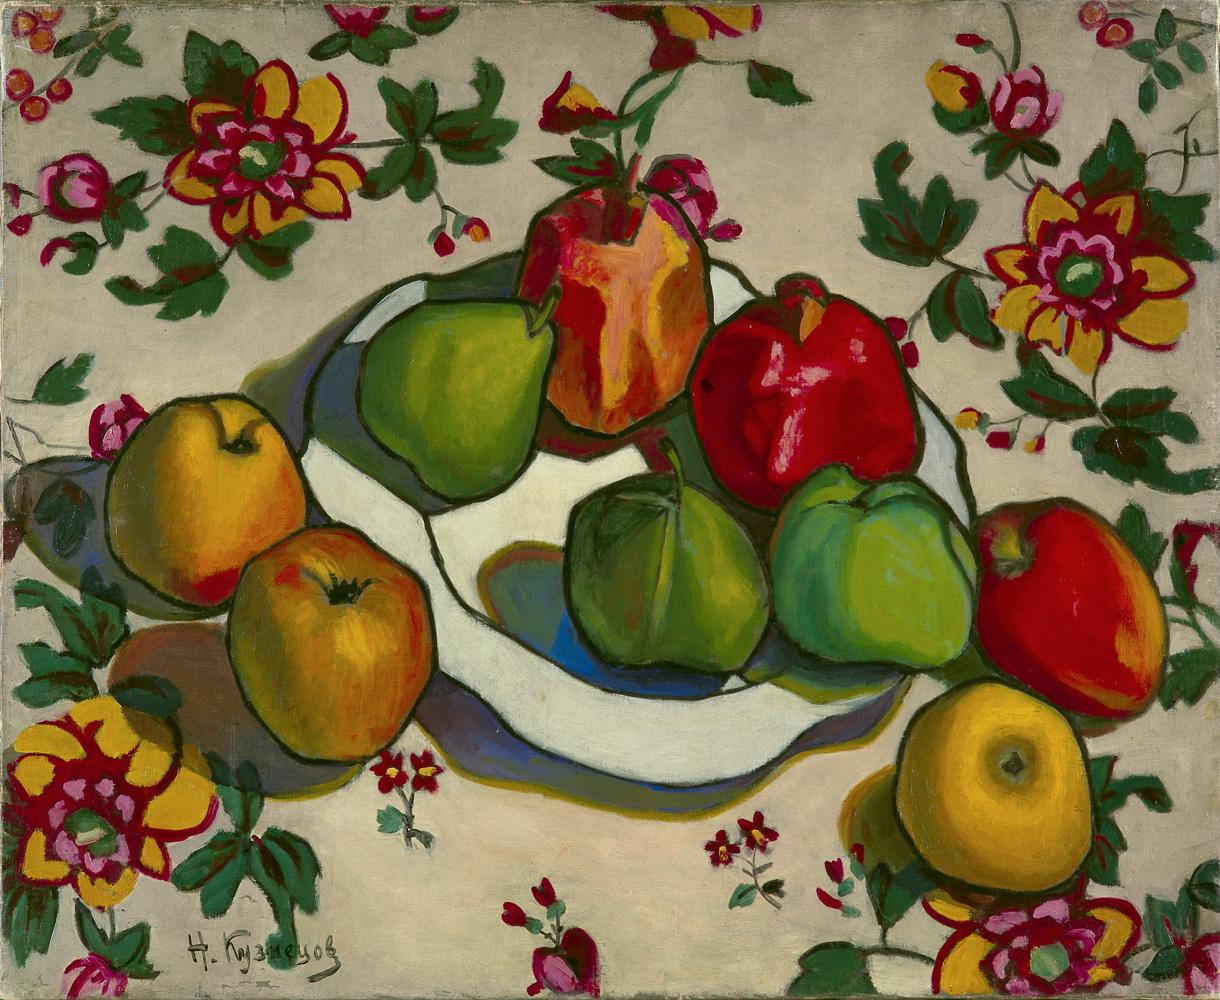 Яблоко как символ здорового искушения